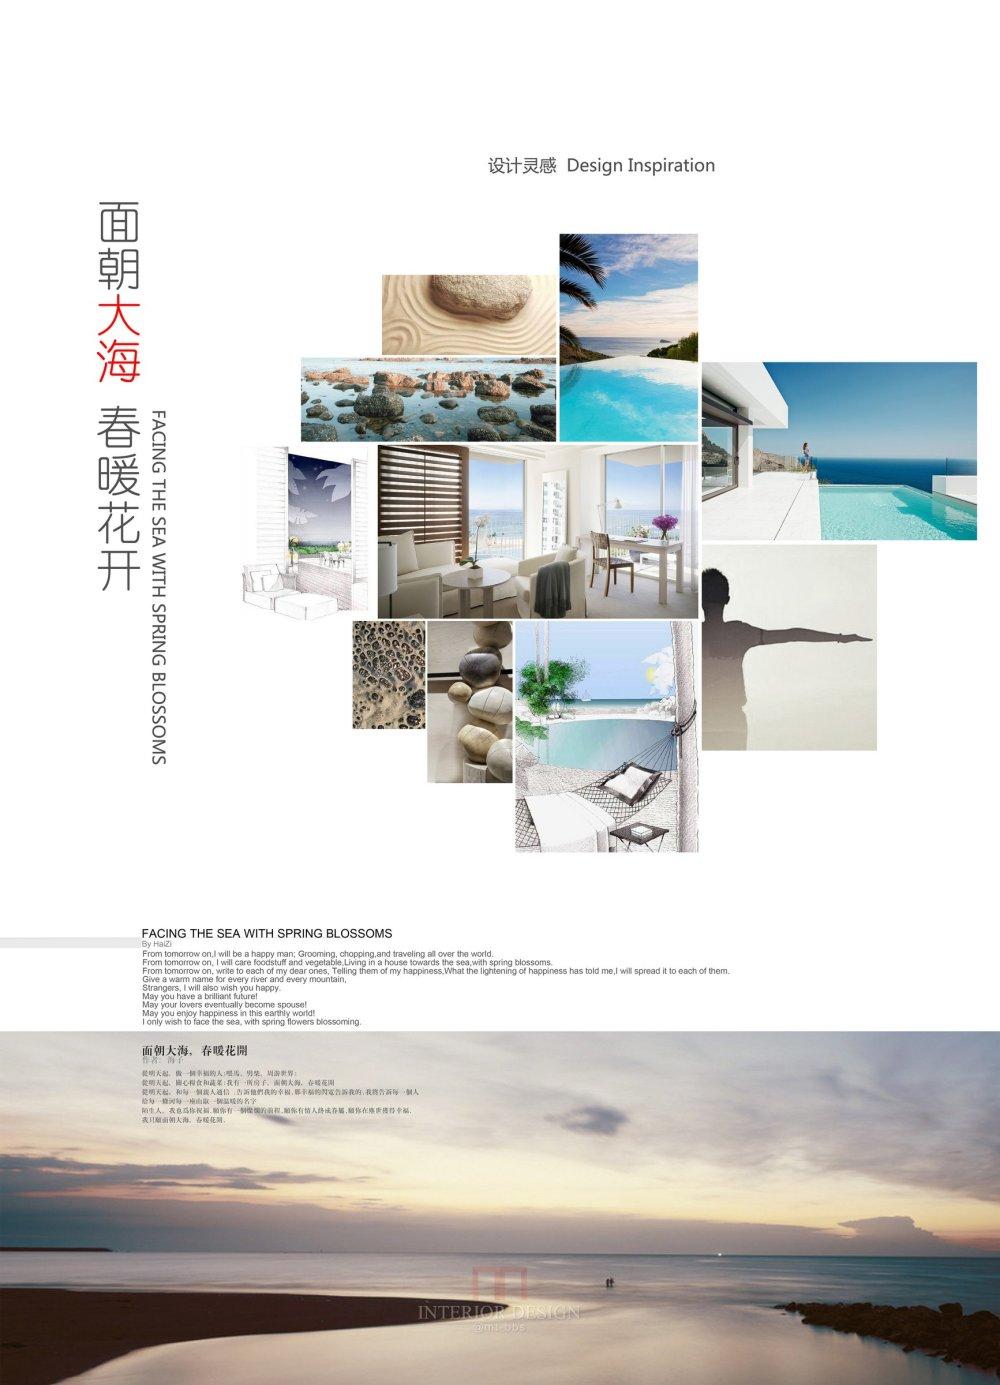 【第14期-住宅平面优化】一个跃层海景房11个方案 投票奖励DB_07b.jpg